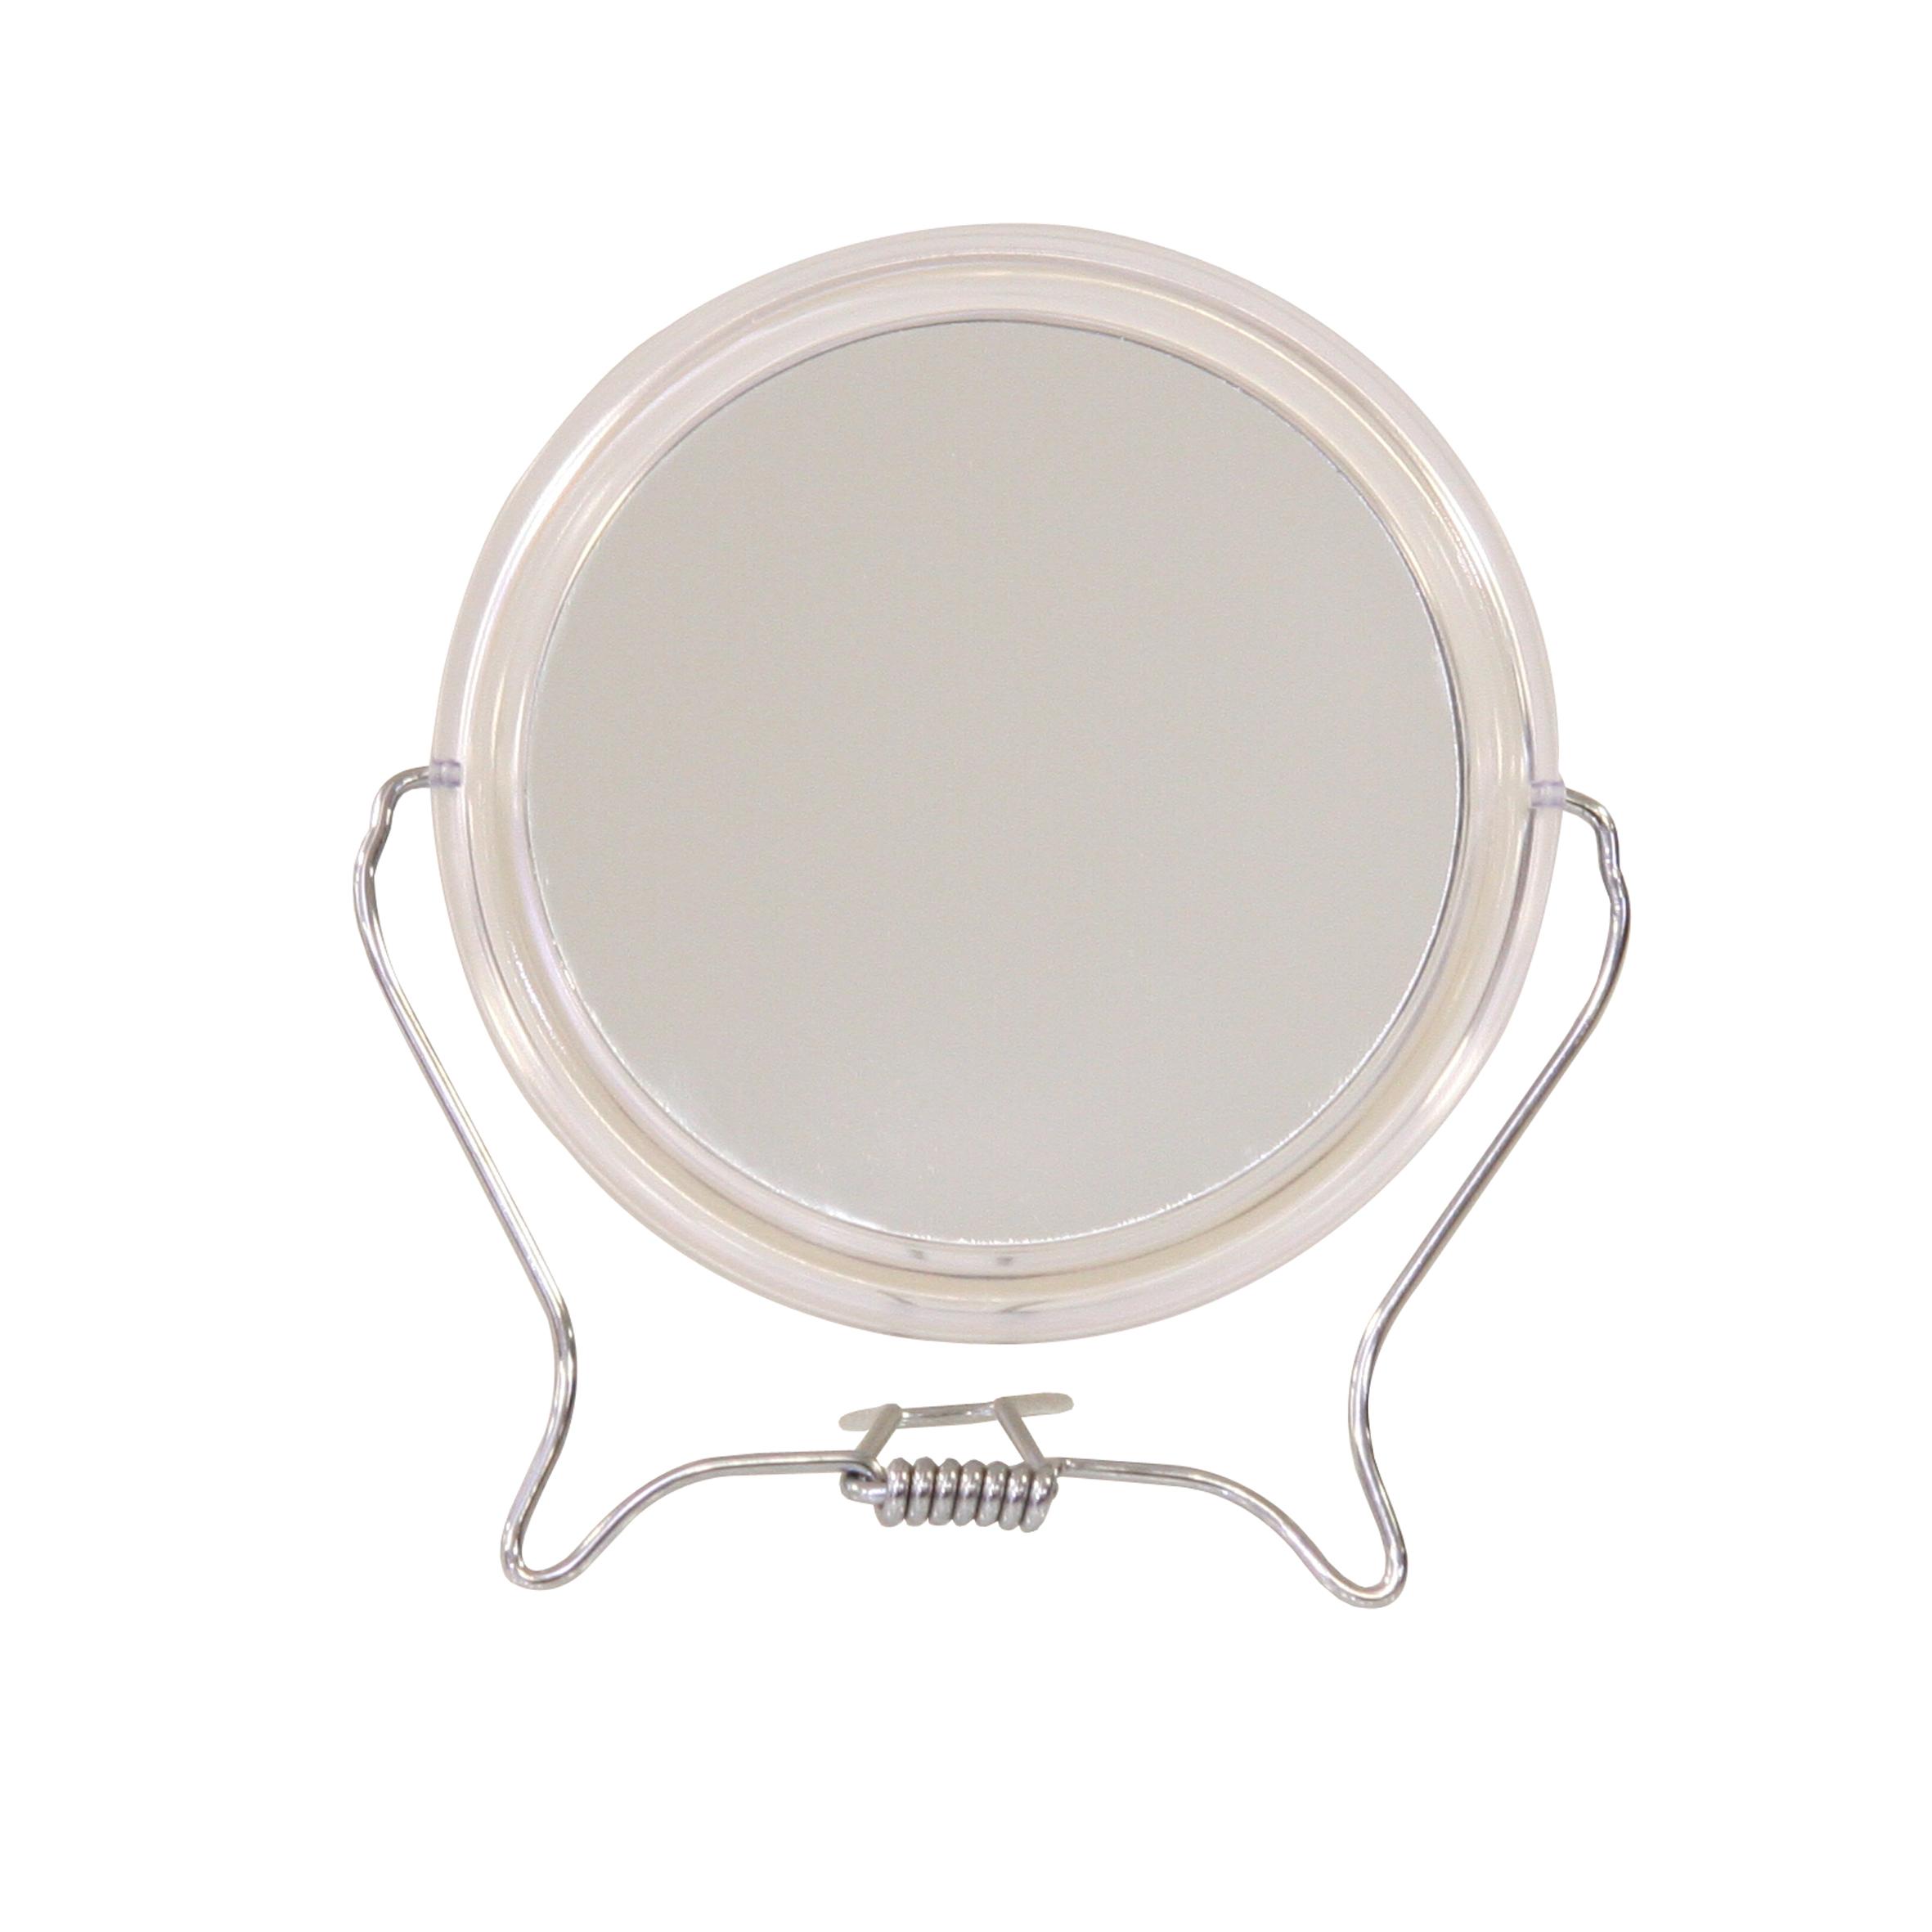 Зеркало косметическое Top Star, настольное, диаметр 12,5 см291477Настольное косметическое зеркало Top Star идеально подходит для нанесения макияжа и совершения различных косметических процедур. Обрамлено в пластиковый ободок, с подставкой из стальной проволоки покрытой хромом. Двухстороннее зеркало с трехкратным увеличением одной из зеркальных линз поможет разглядеть даже малейшие нюансы и устранить все недостатки кожи. Яркий и стильный дизайн делает зеркало отличным подарком родным и близким, оно будет прекрасно смотреться в любом интерьере.